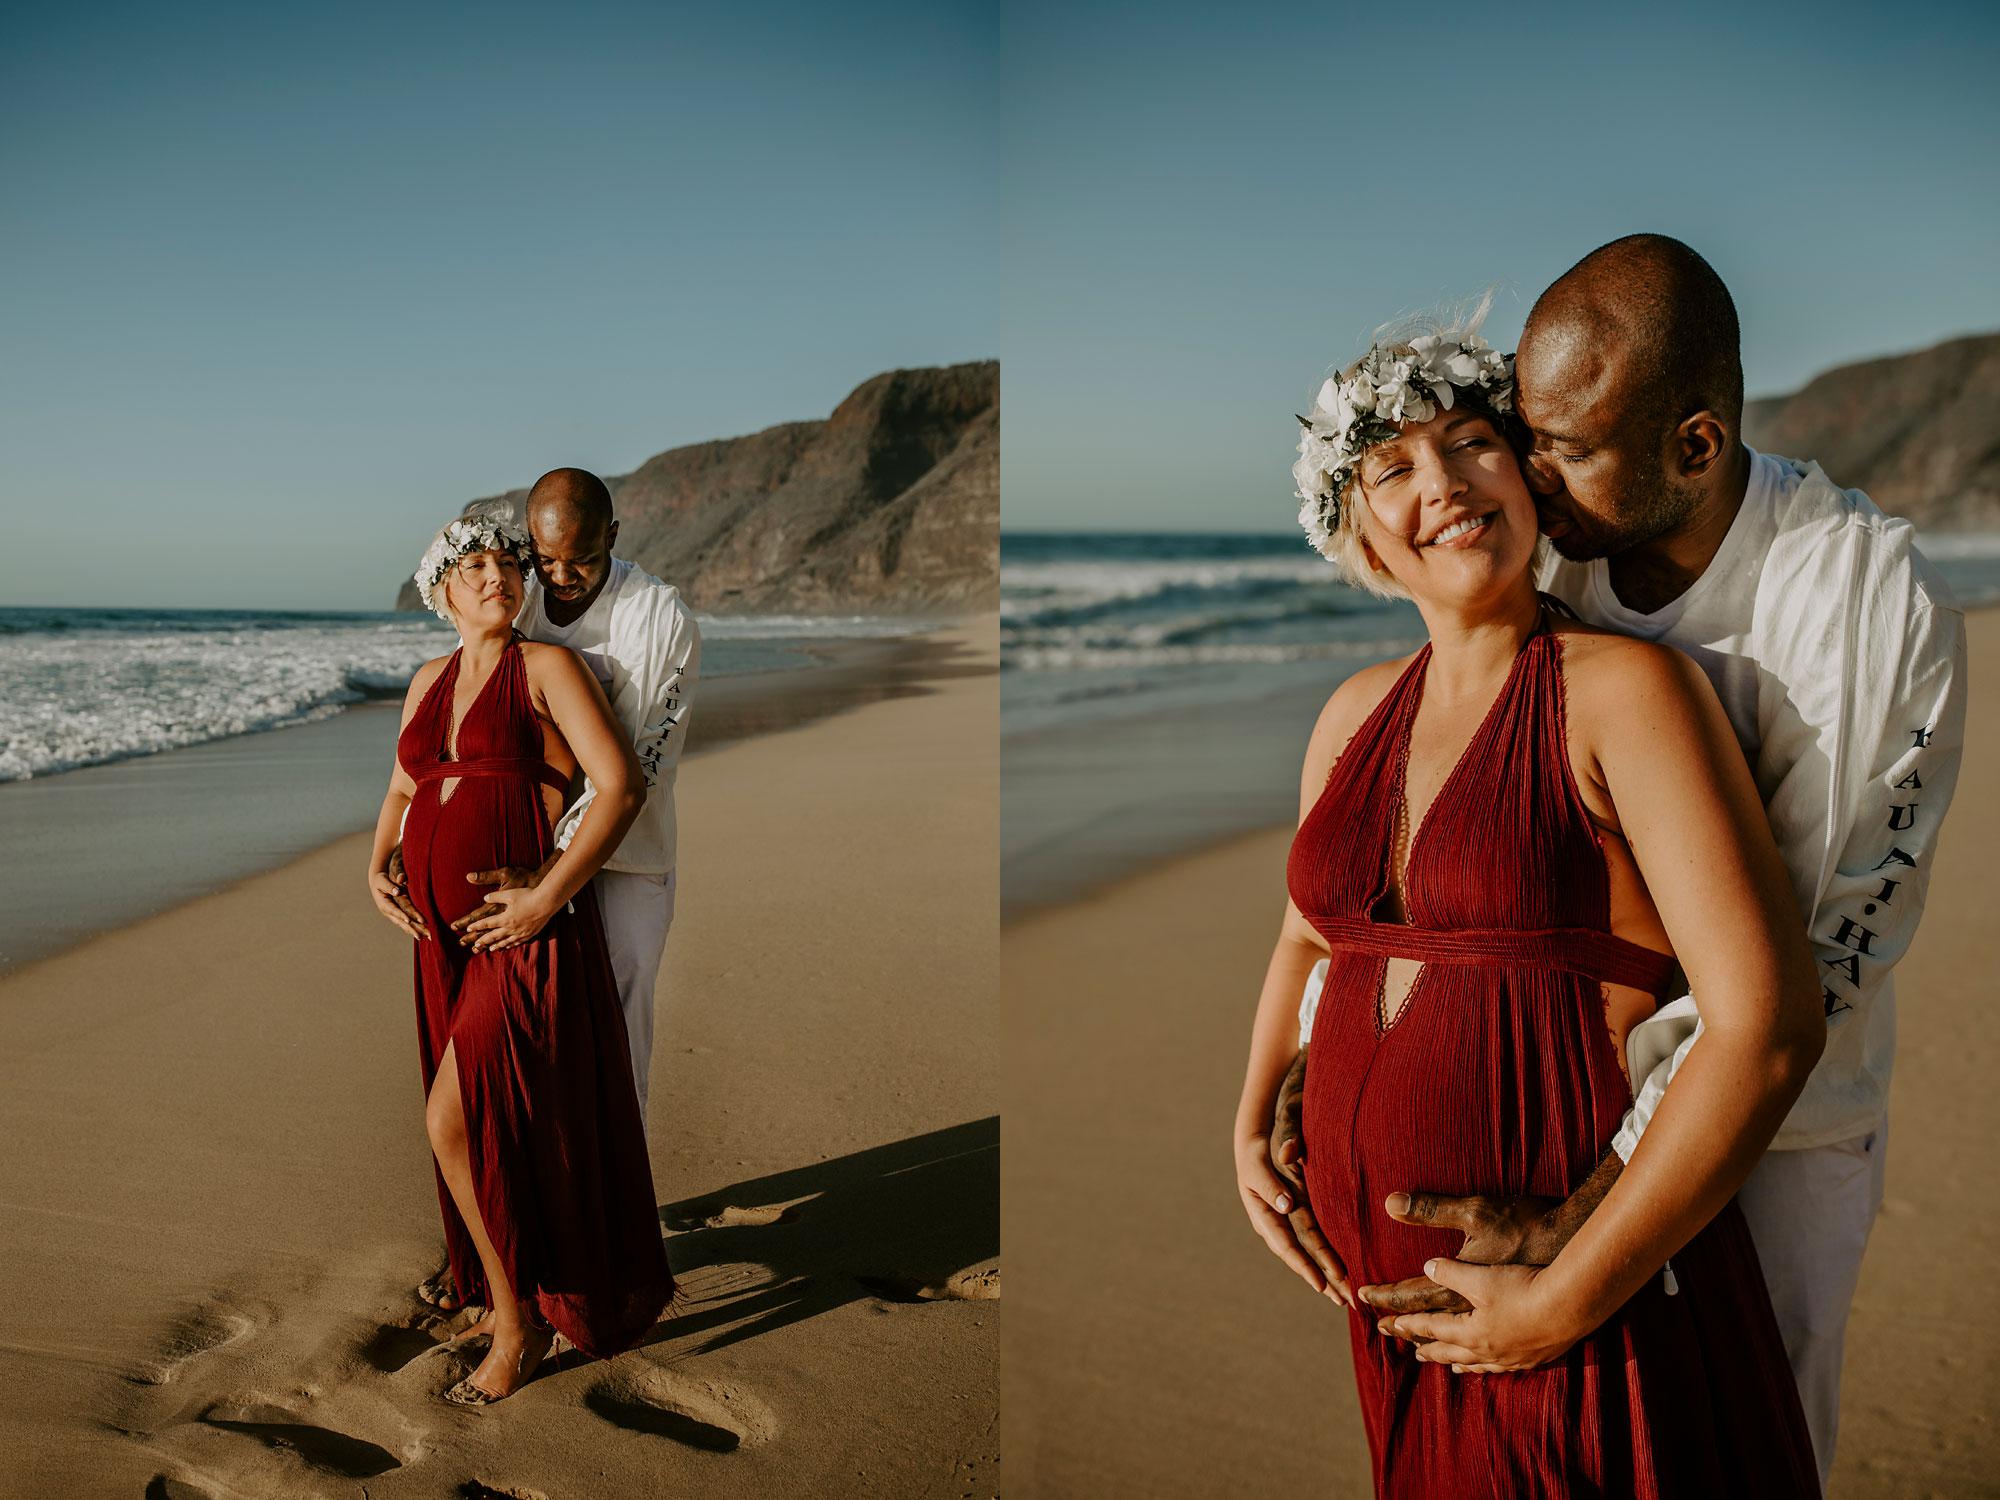 Kauai-Maternity-Photographer-02.jpg